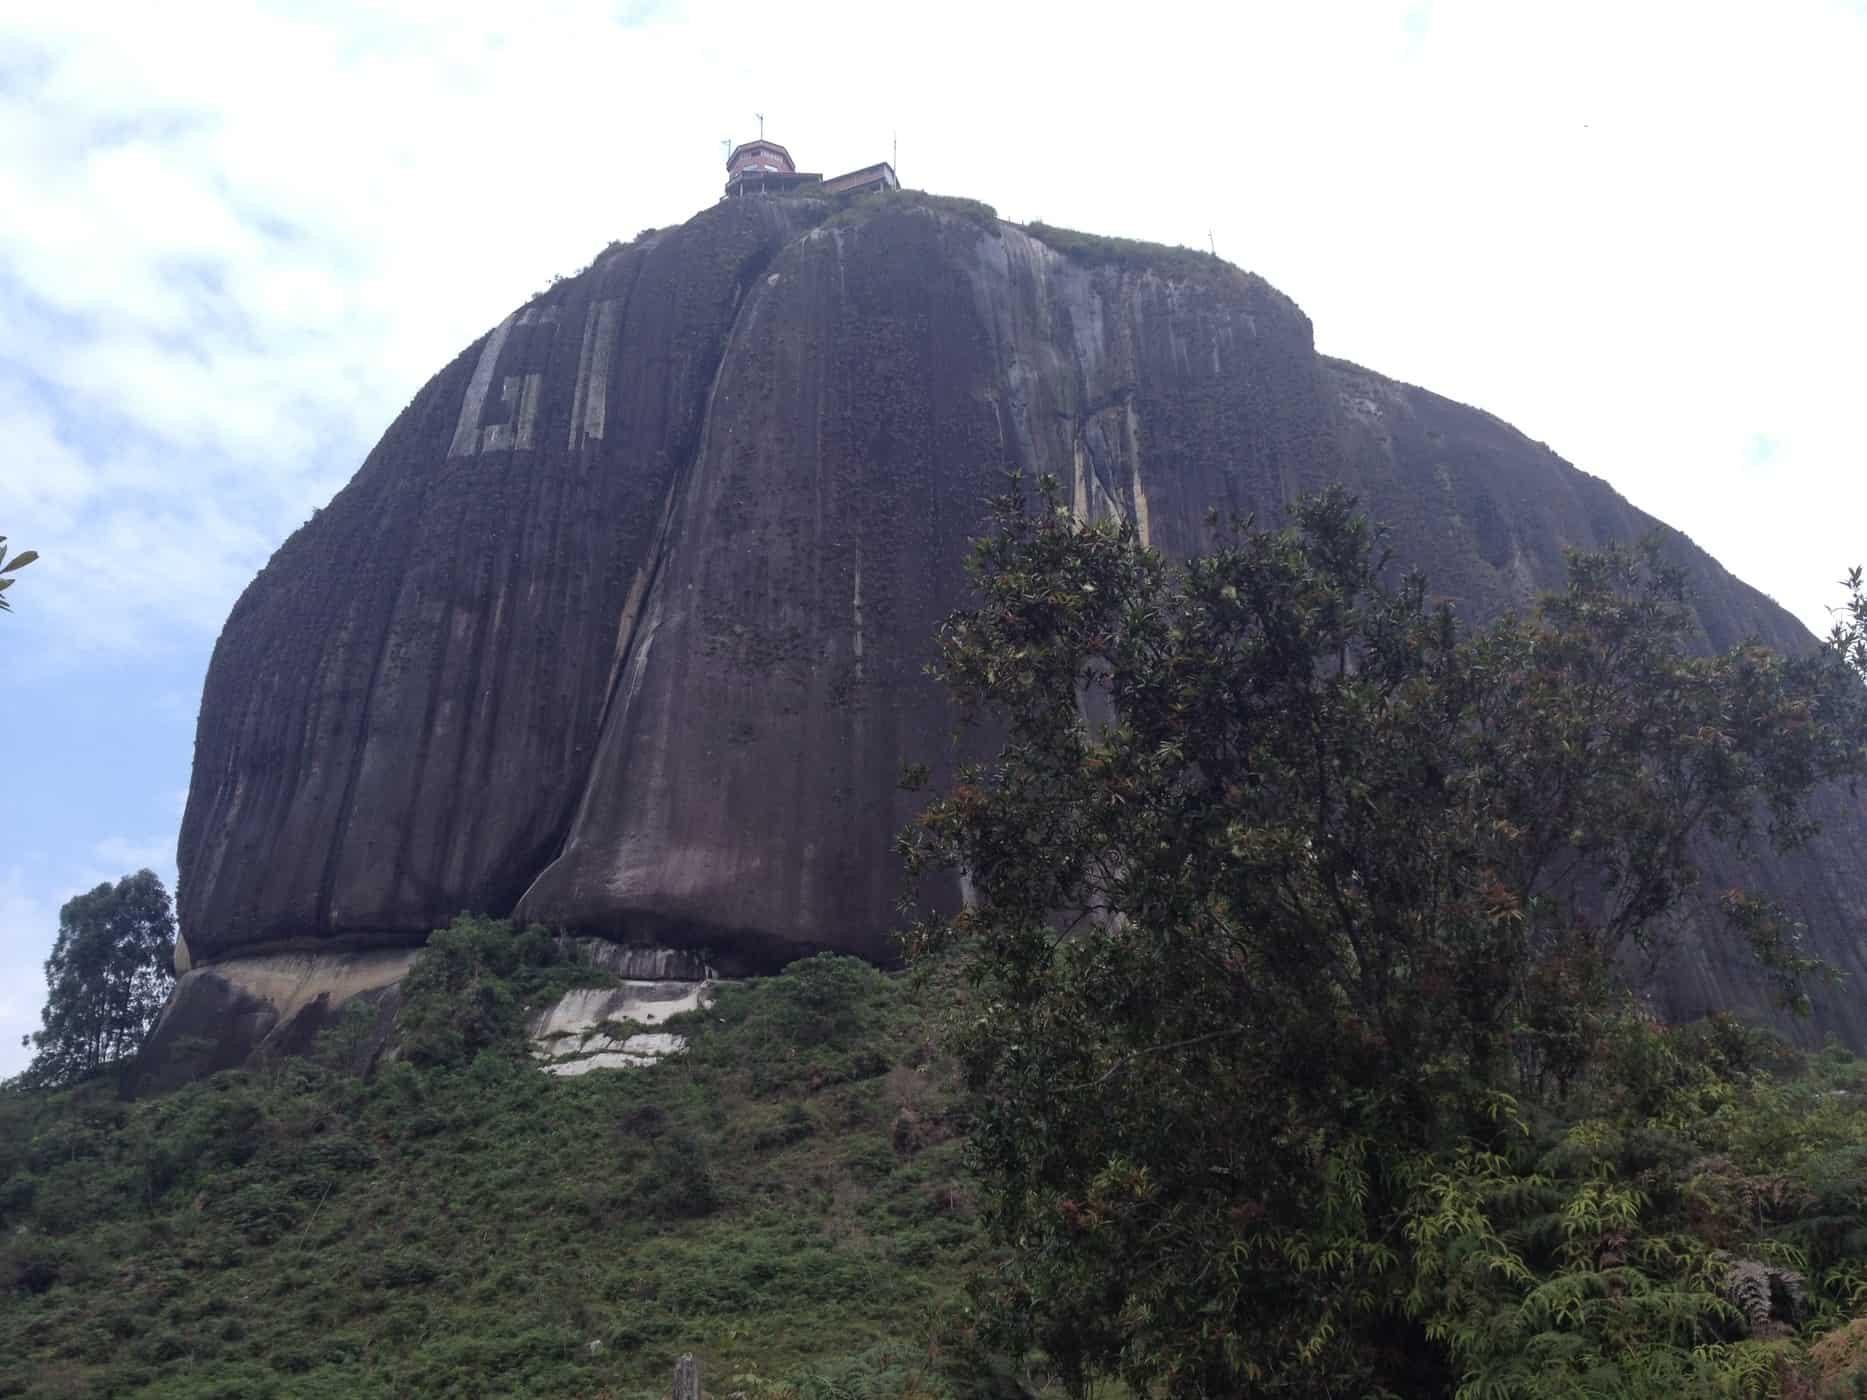 El Peñol, Guatapé, Colombia.